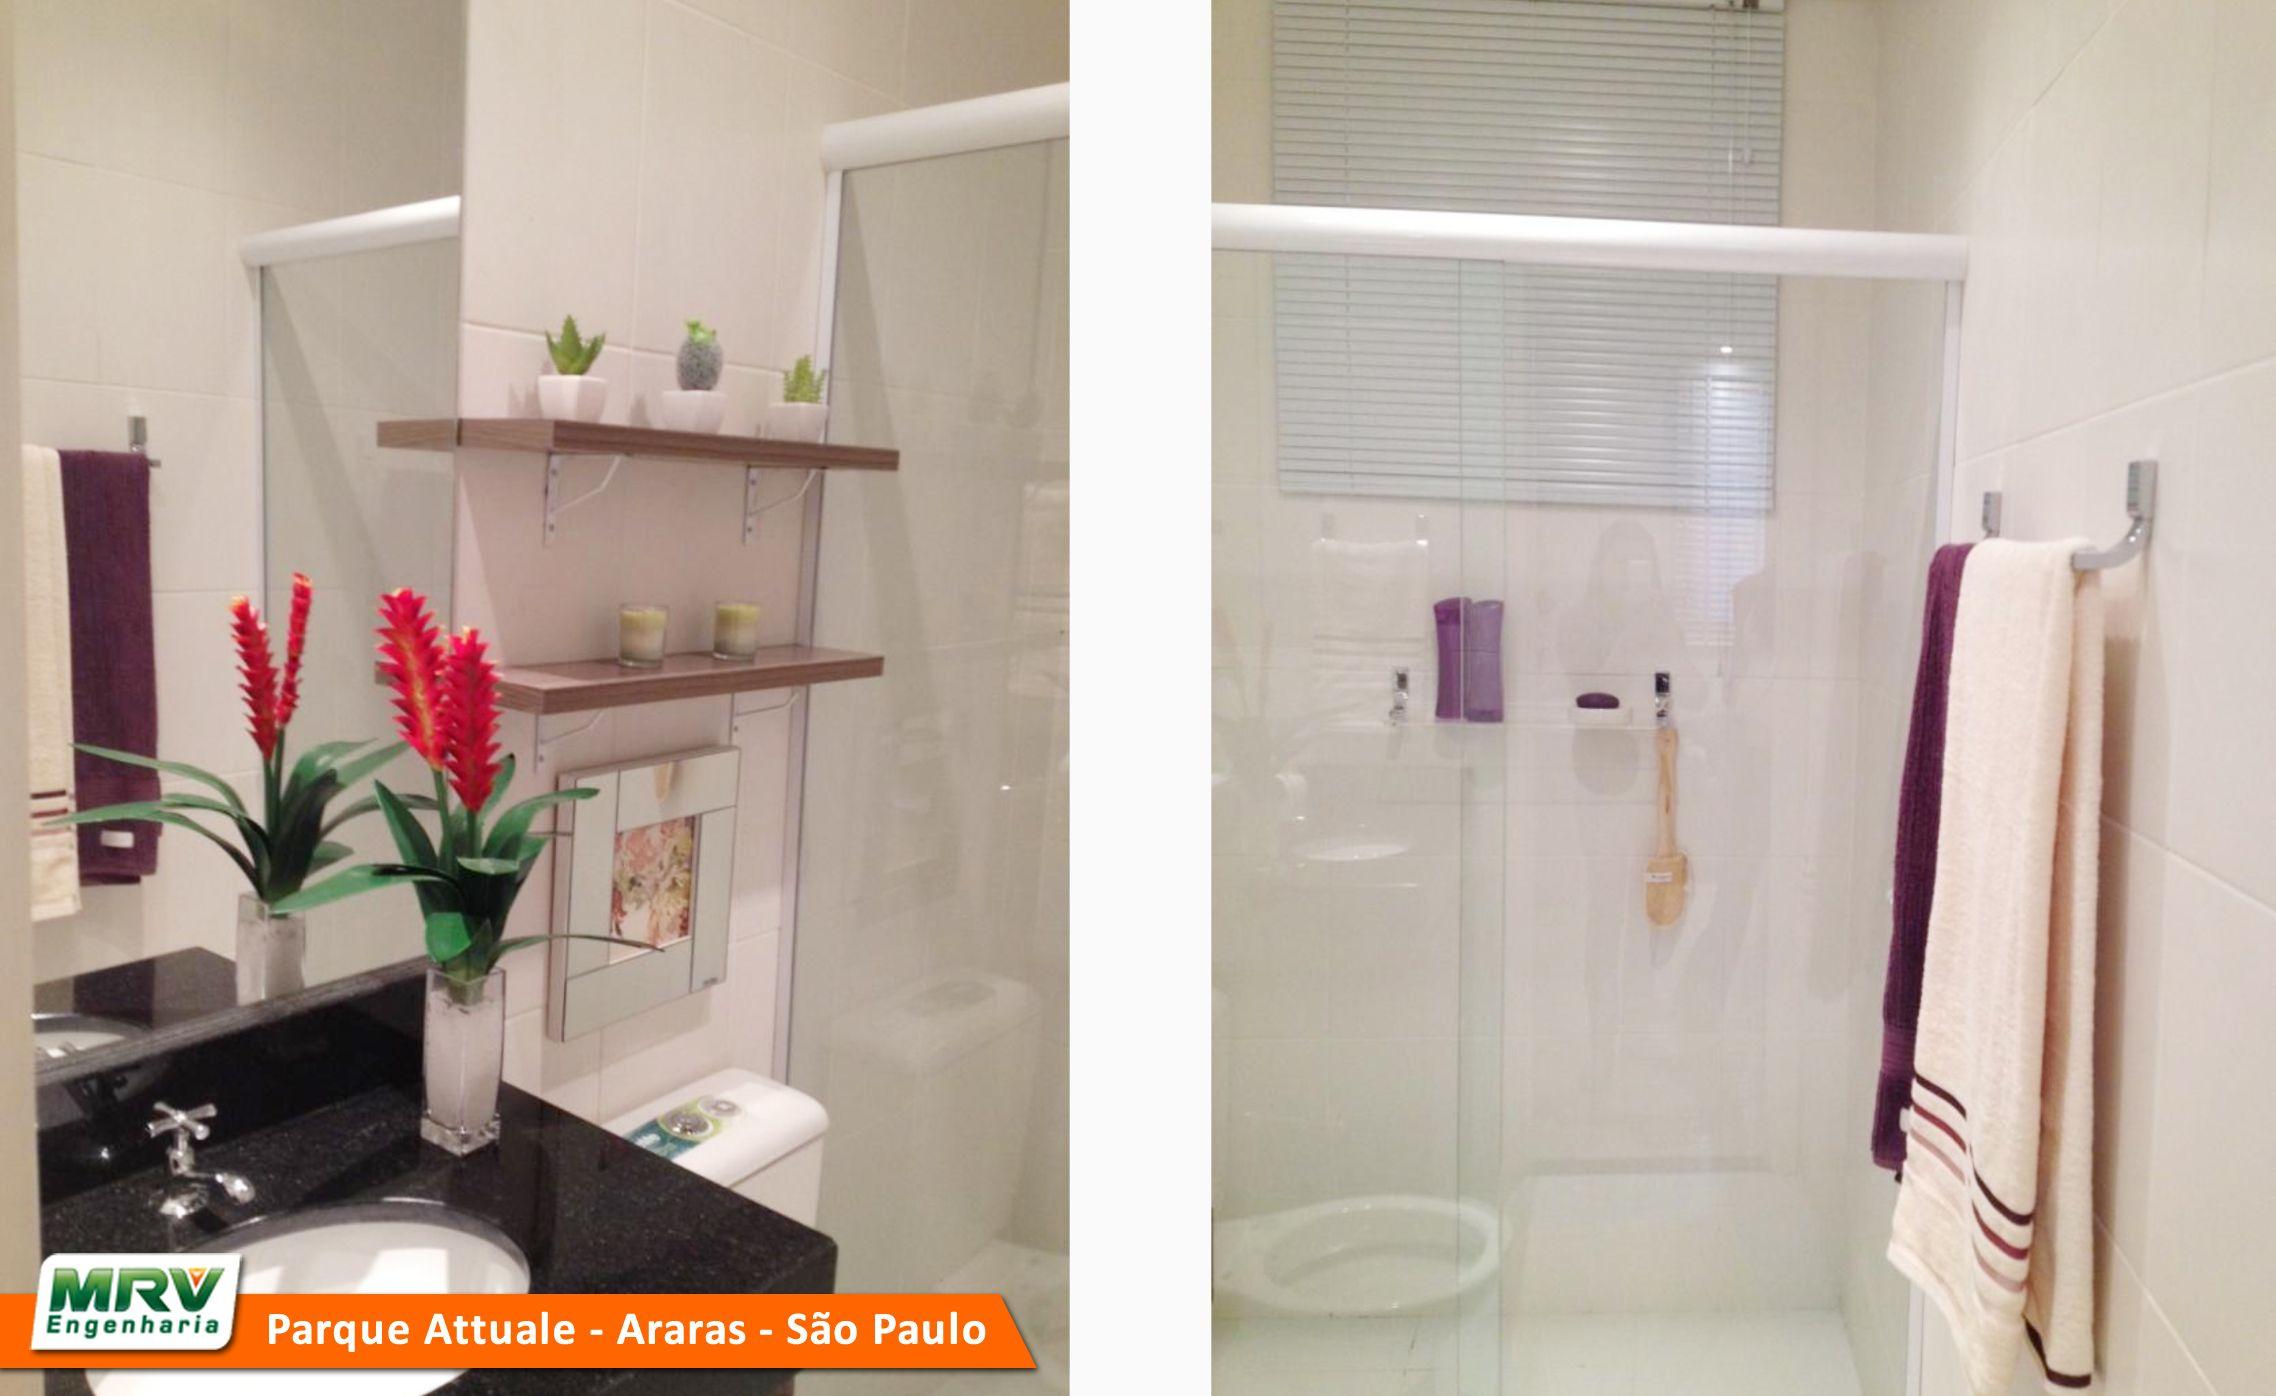 Apartamento decorado 2 quartos do Parque Attualle no bairro Jardim  #C95002 2276 1396